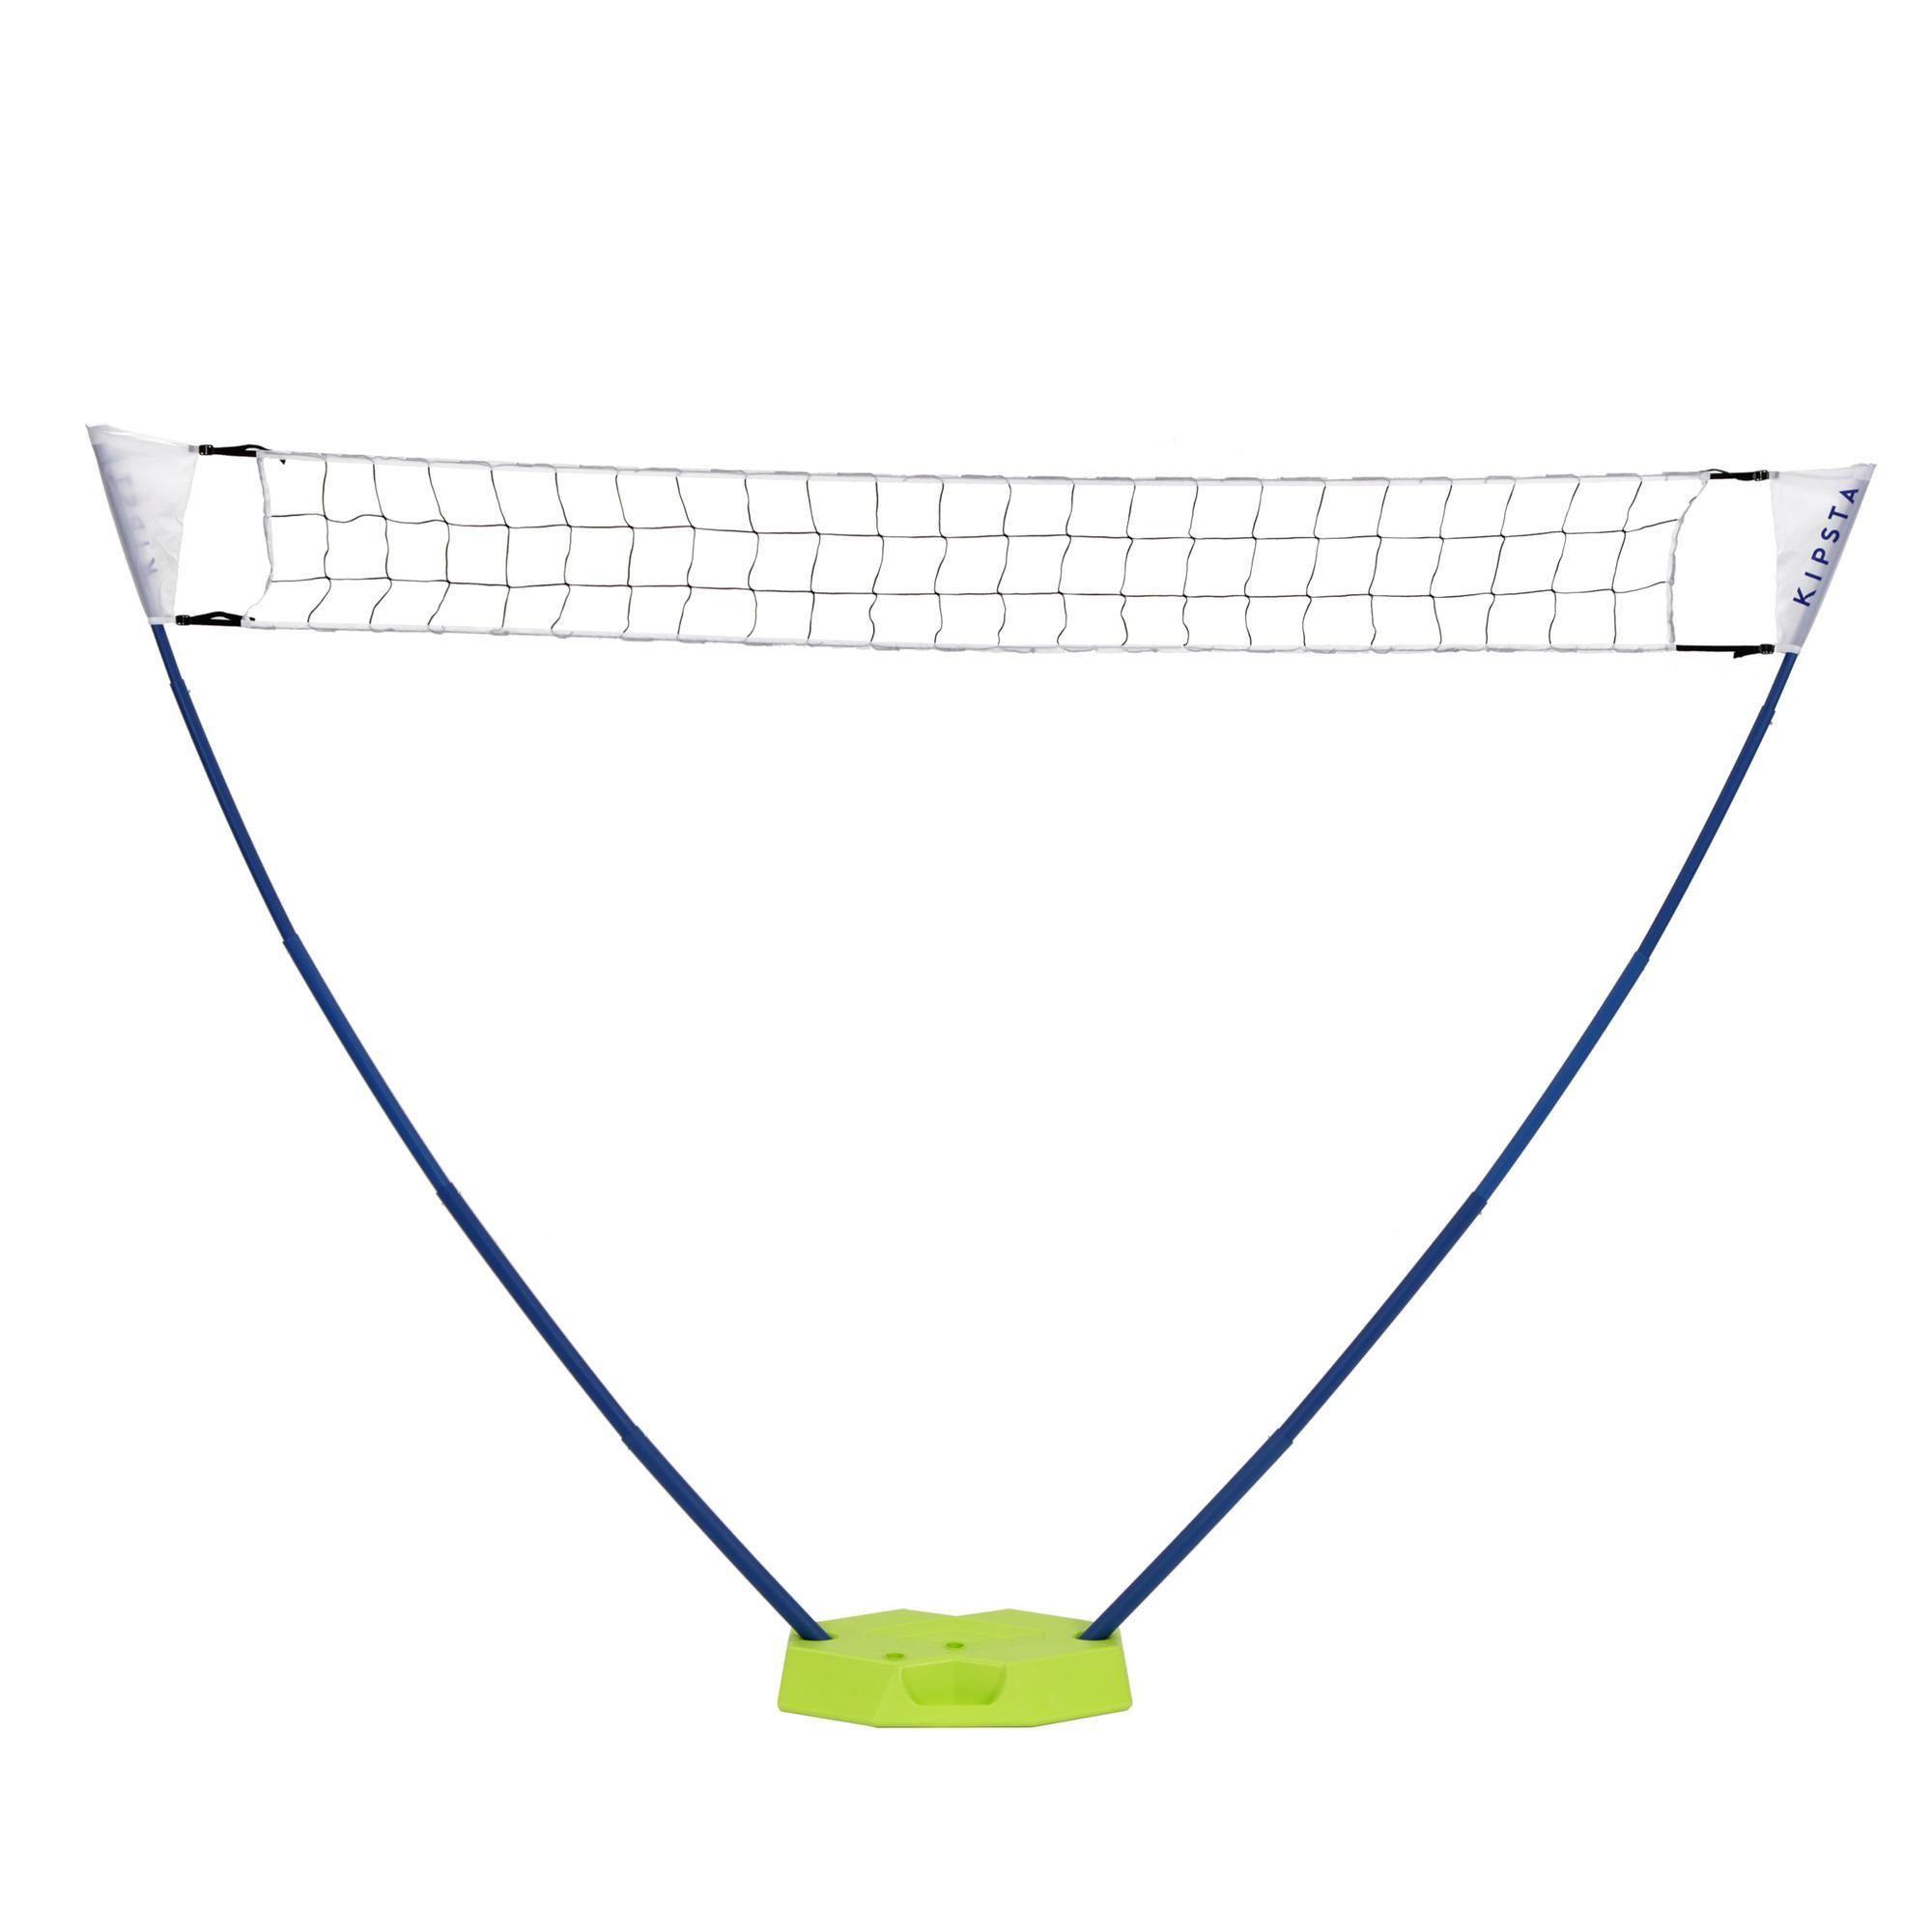 Net Voor Volleybal En Beachvolleybal Bv 100 Geel In 2020 Beachvolleybal Volleybal Geel